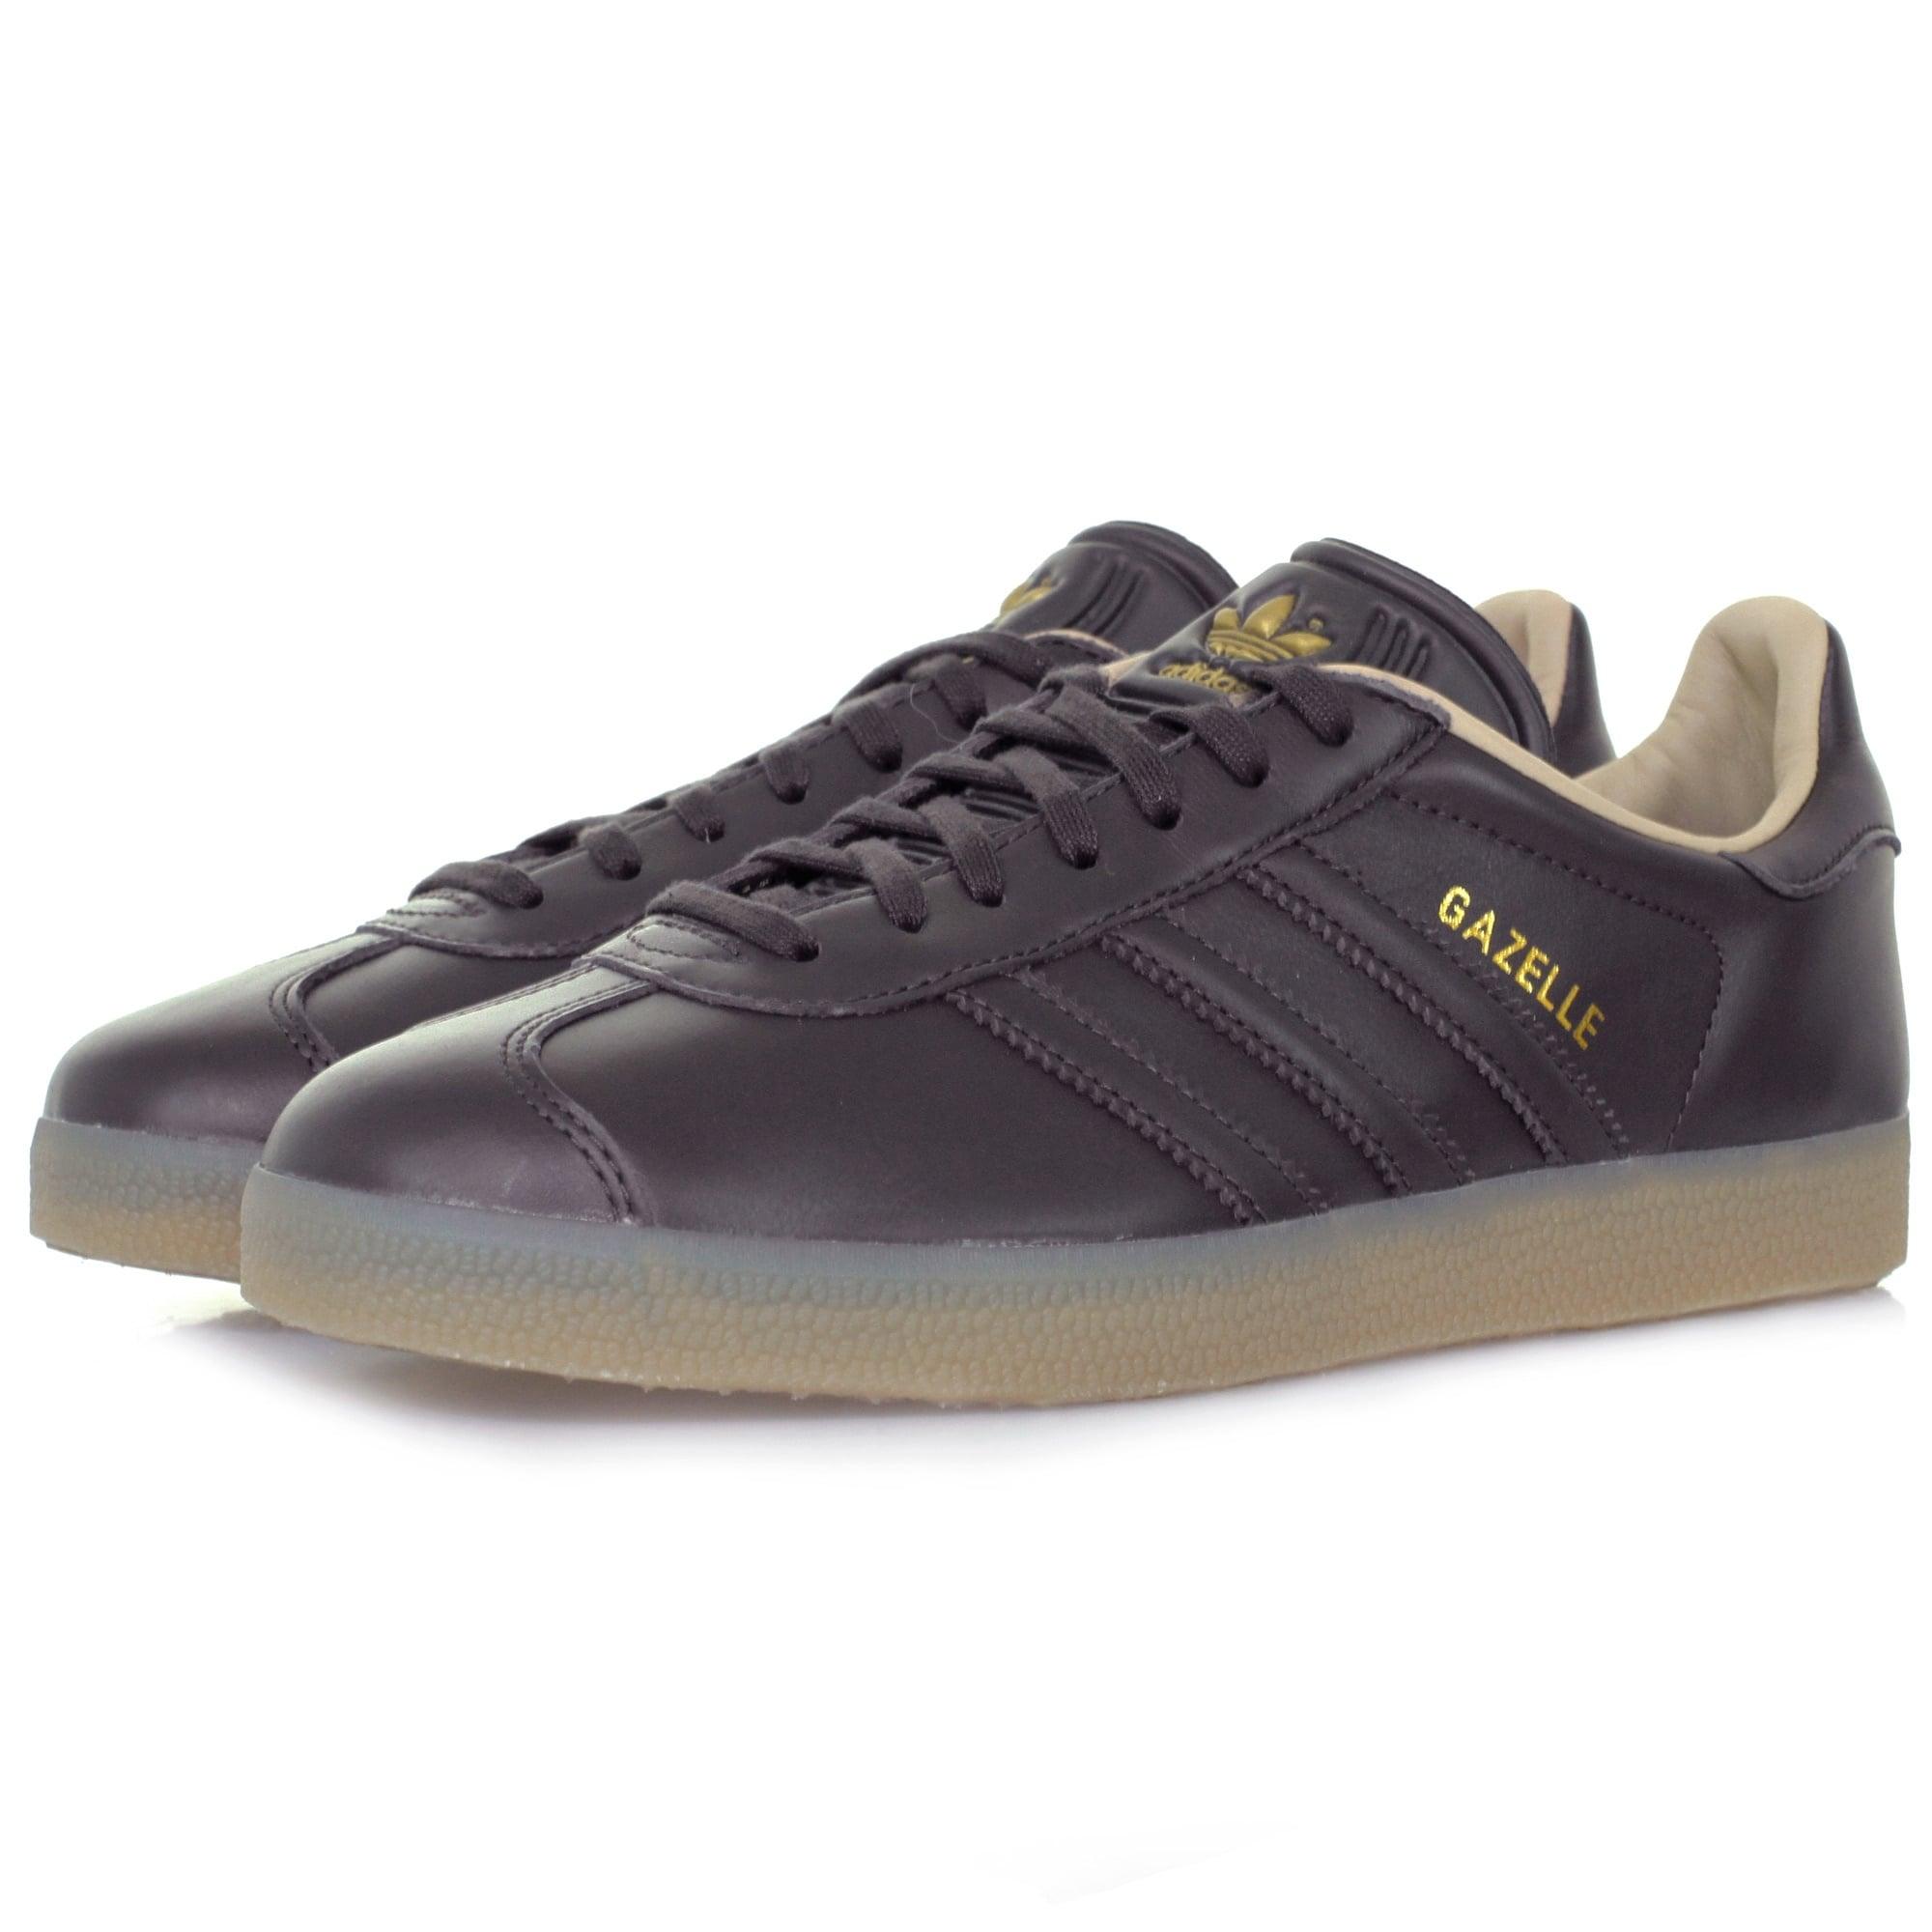 Adidas Originals Gazelle Dark Grey Leather Shoe